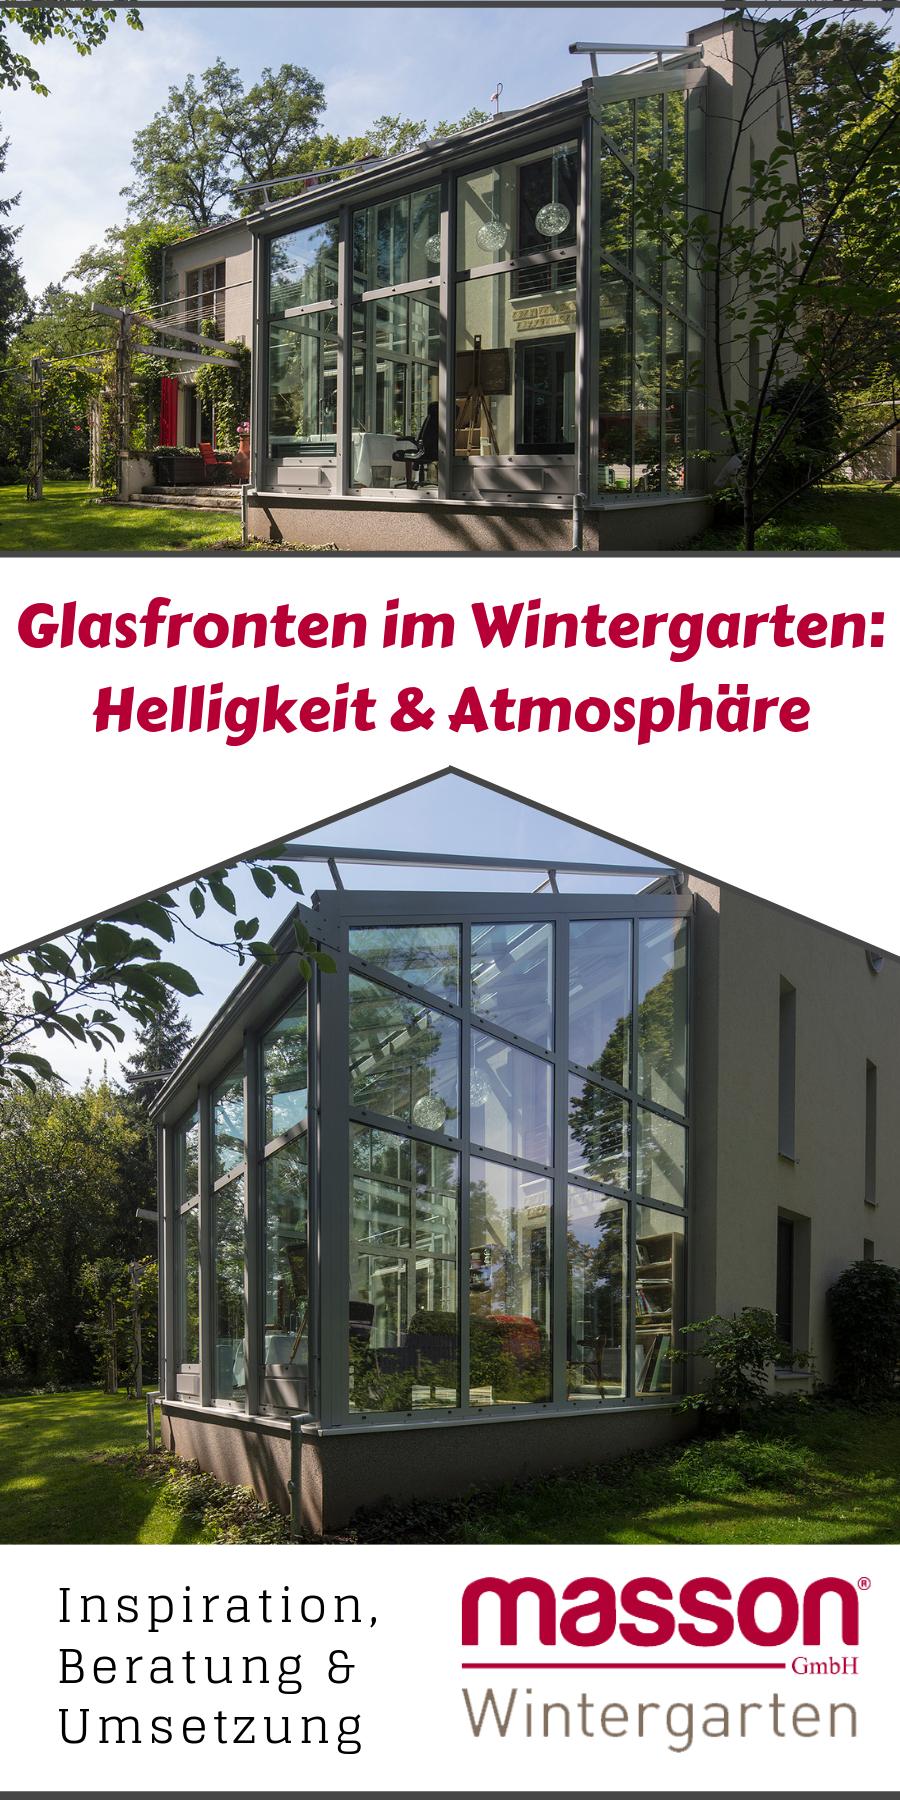 Einladende Atmosphare Dank Grosse Glasfronten Im Wintergarten